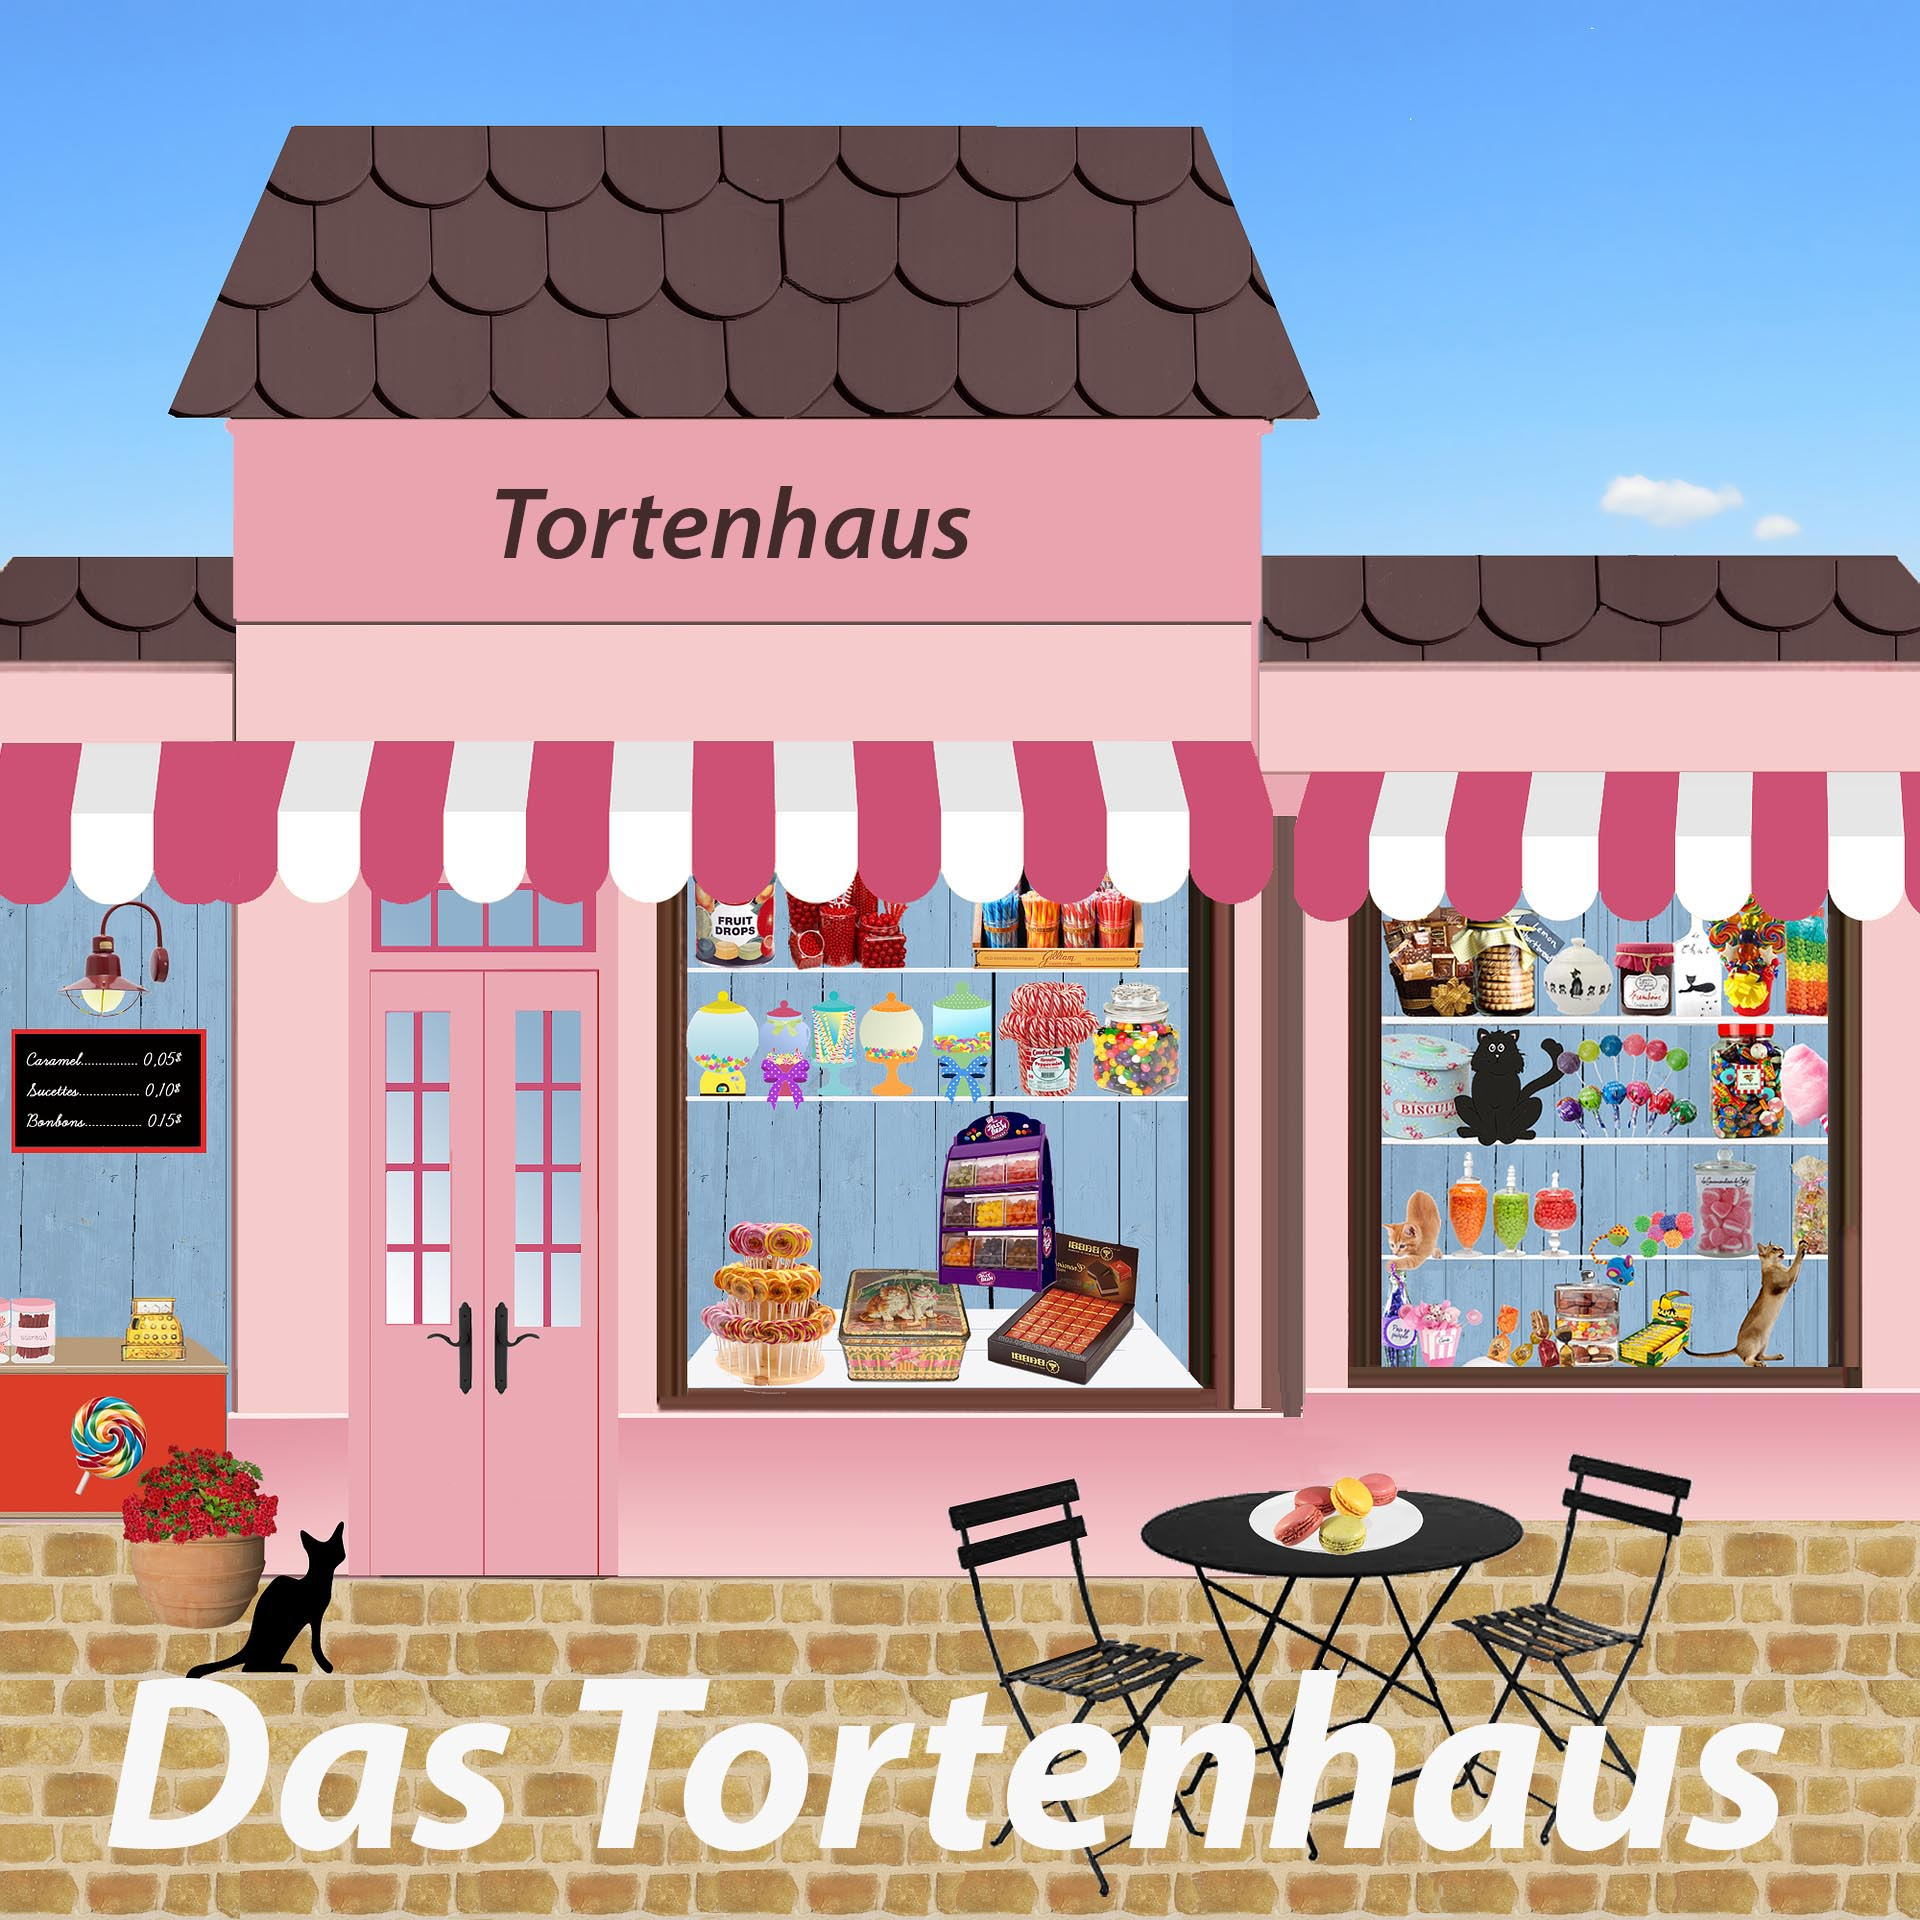 Tortenhaus